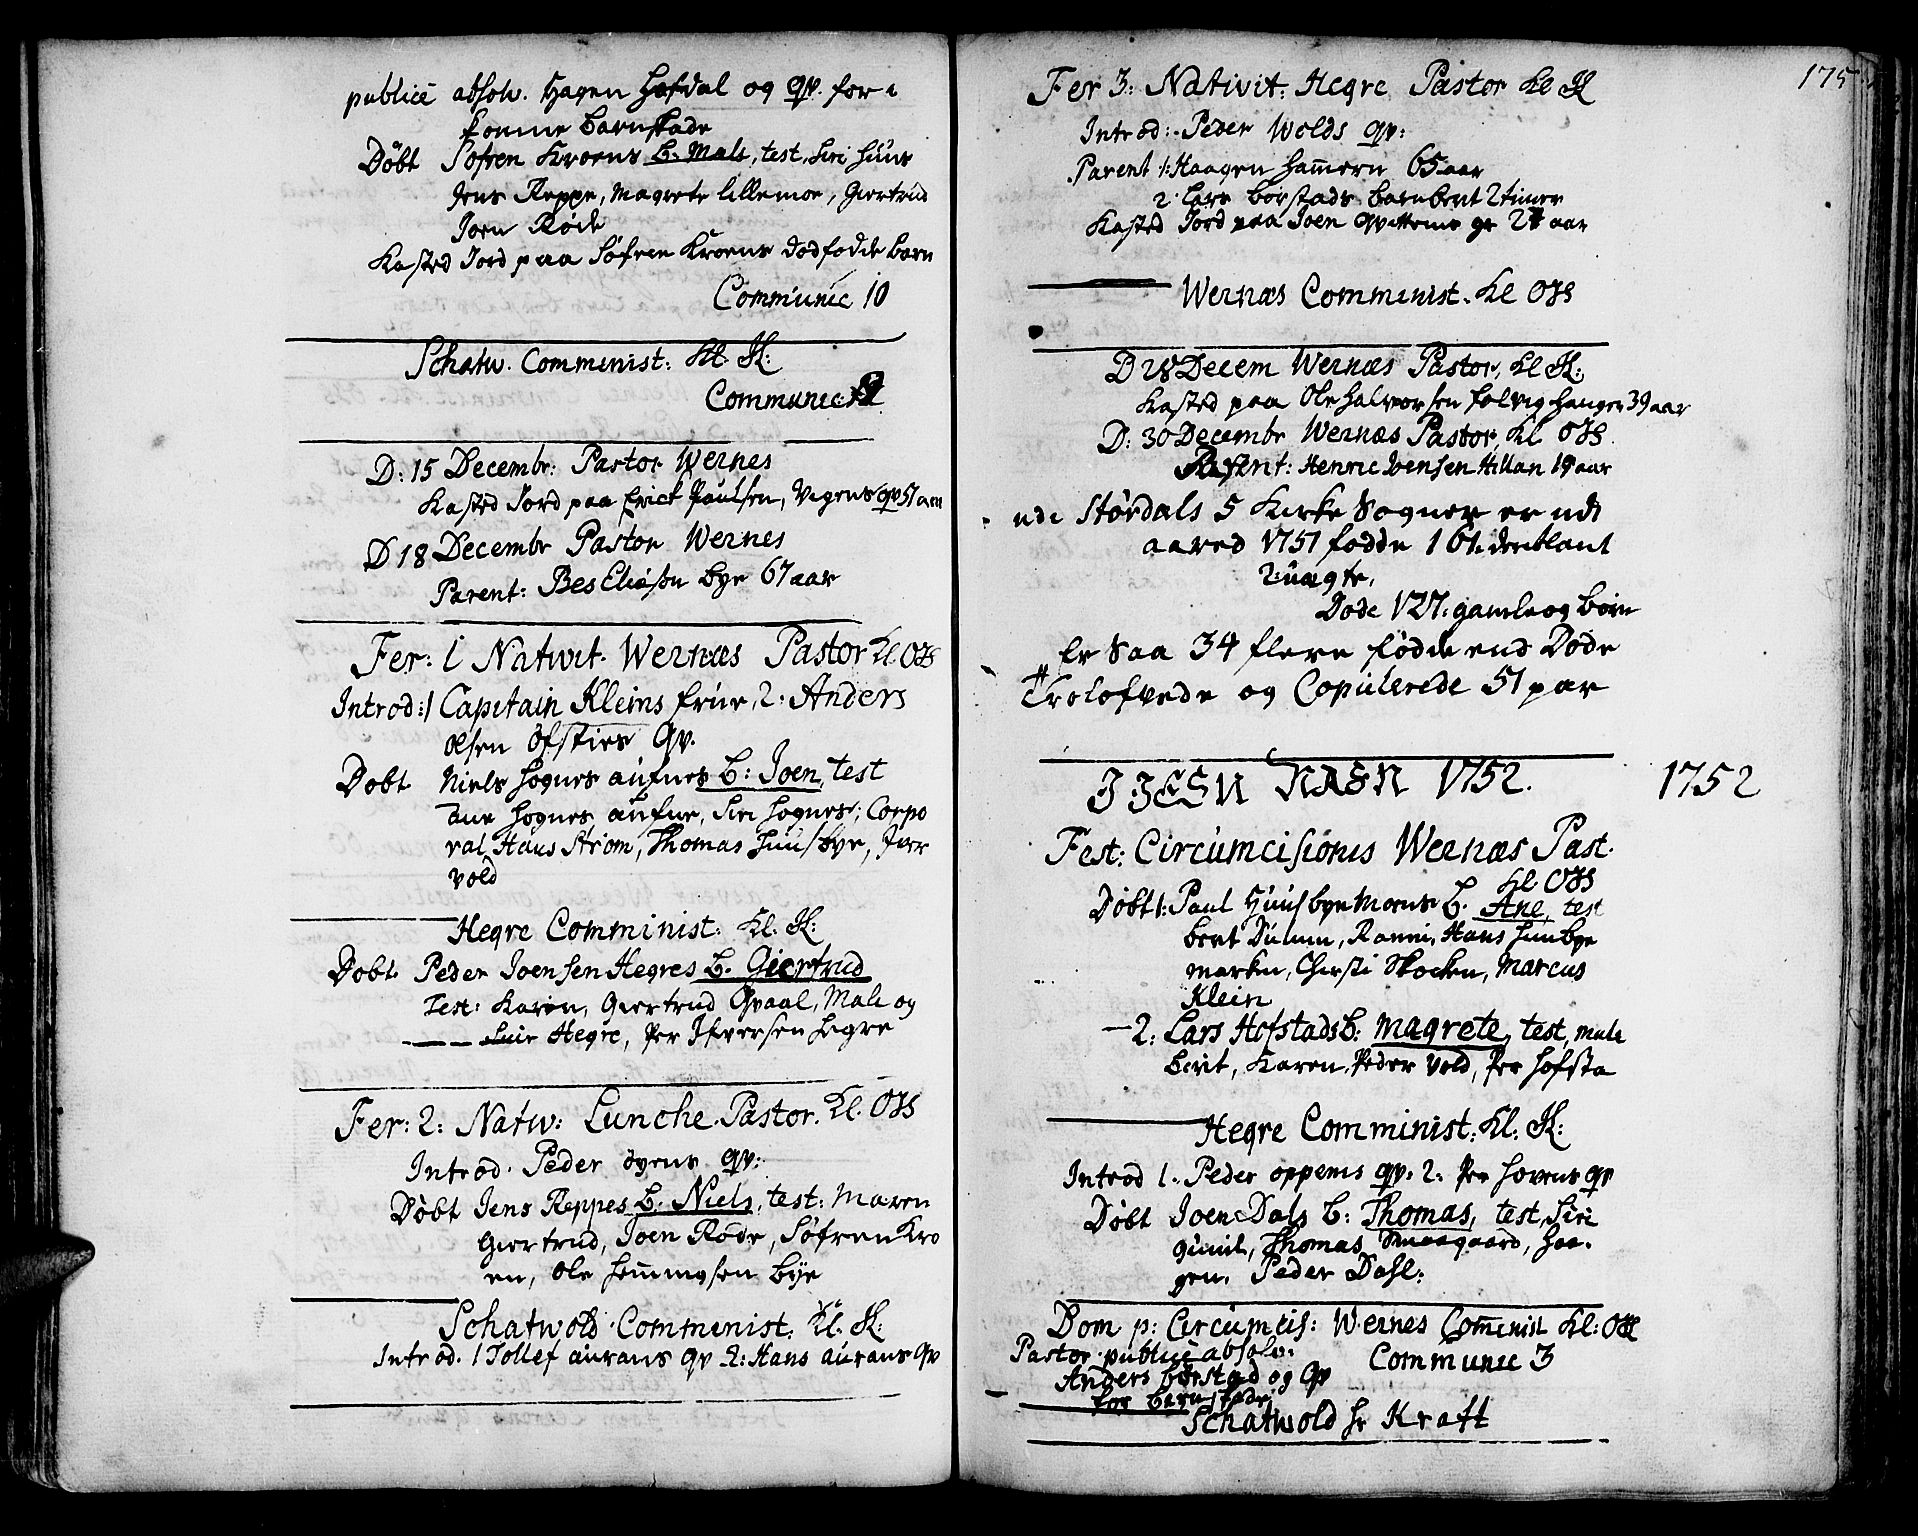 SAT, Ministerialprotokoller, klokkerbøker og fødselsregistre - Nord-Trøndelag, 709/L0056: Ministerialbok nr. 709A04, 1740-1756, s. 175